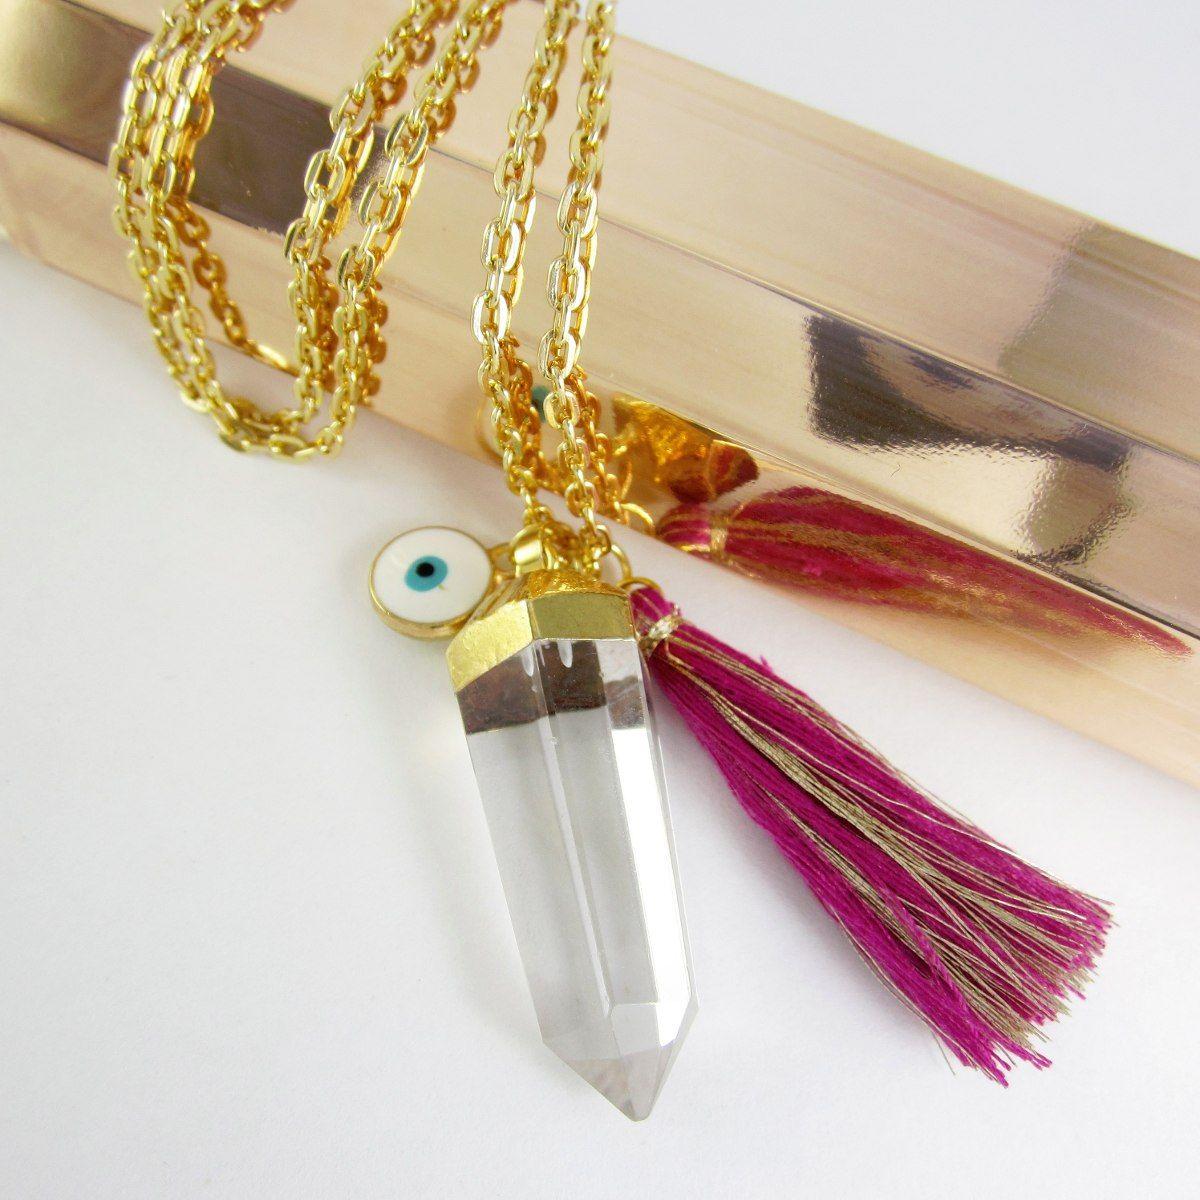 27dd9f45eb52 Collares Mujer Collar Cadena Baño oro Pendulo Cuarzo Cristal Piedras  Semipreciosas Finas Joyas Bisuteria Fina de